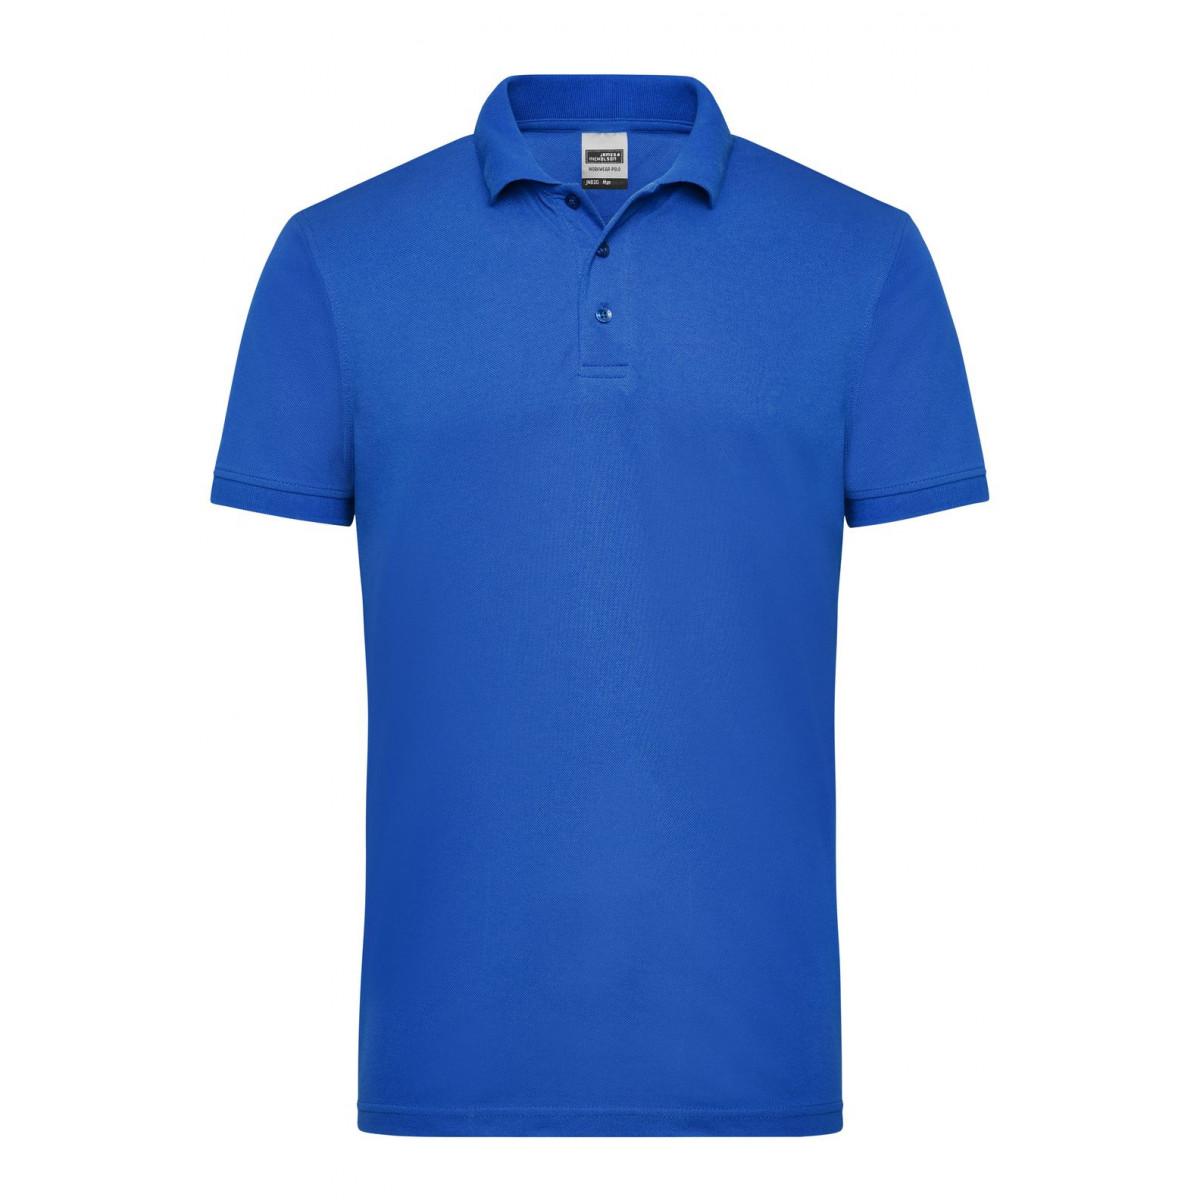 Рубашка поло мужская JN830 Mens Workwear Polo - Ярко-синий